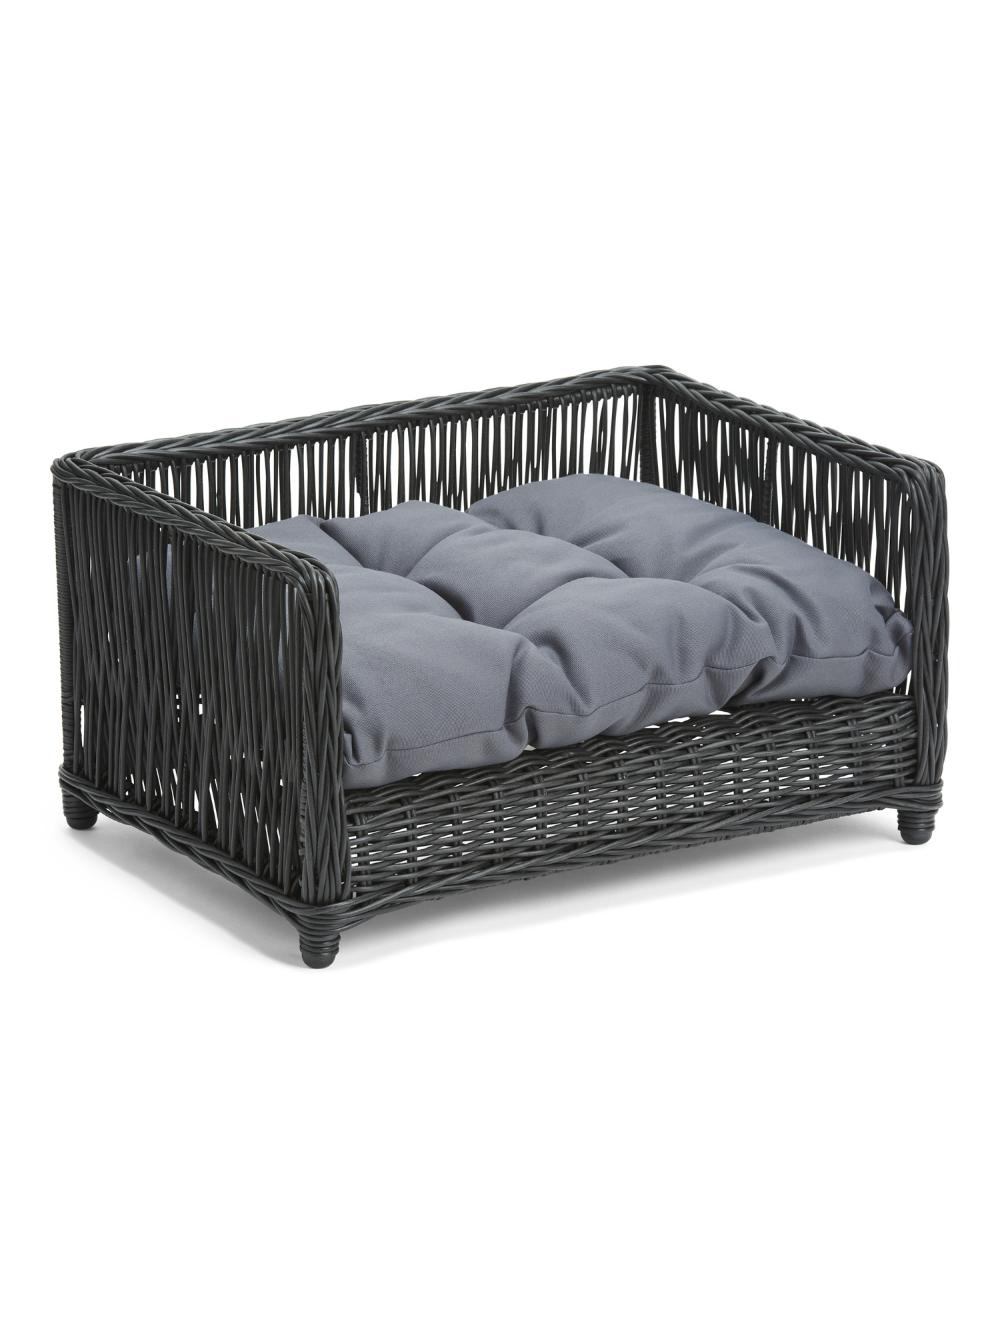 Indoor Outdoor Pet Bed Outdoor pet bed, Stylish dog beds